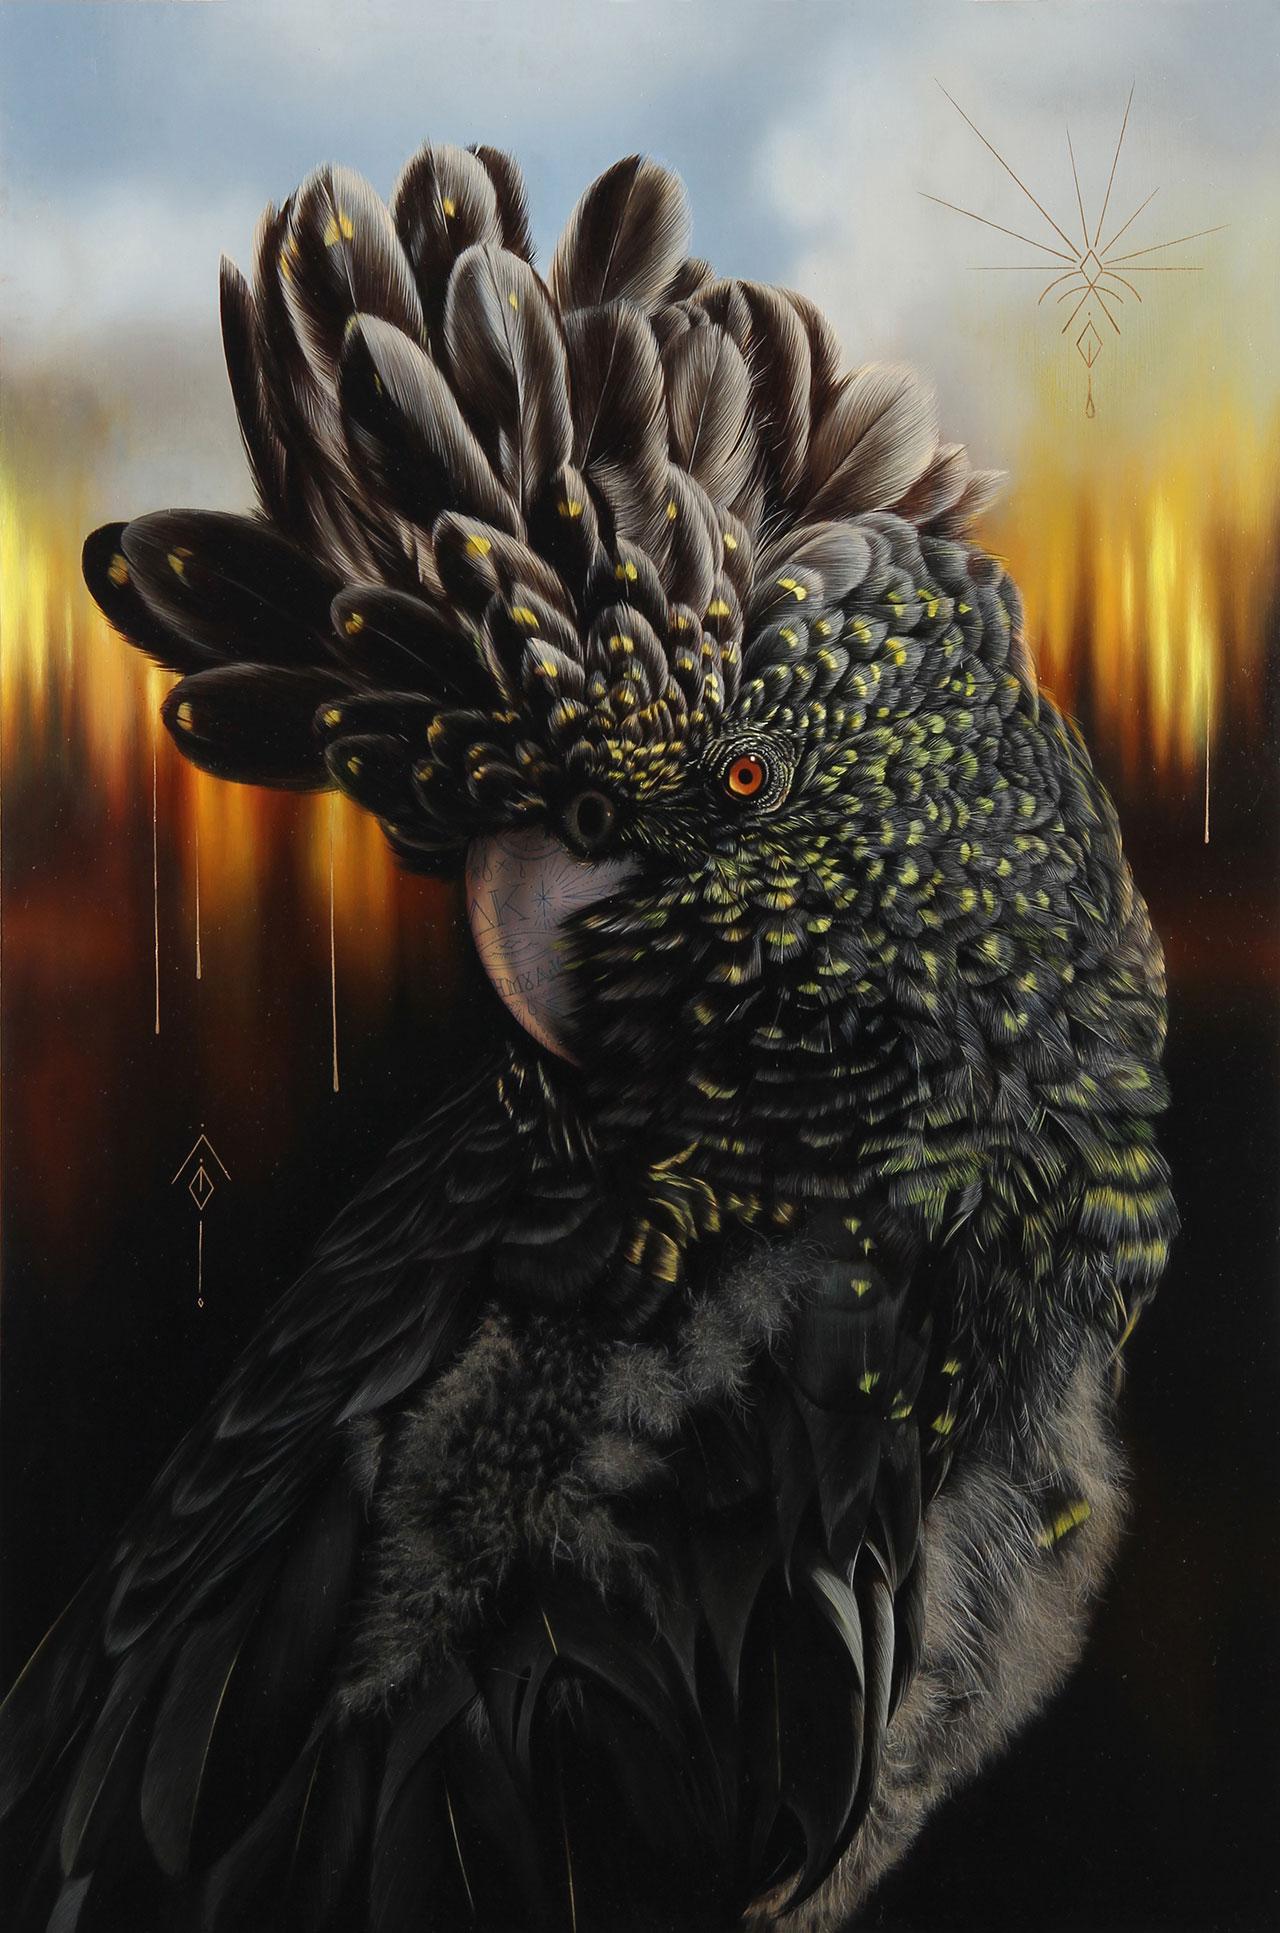 Josie Morway, Consumed,oil and enamel on wood panel. ©Josie Morway.